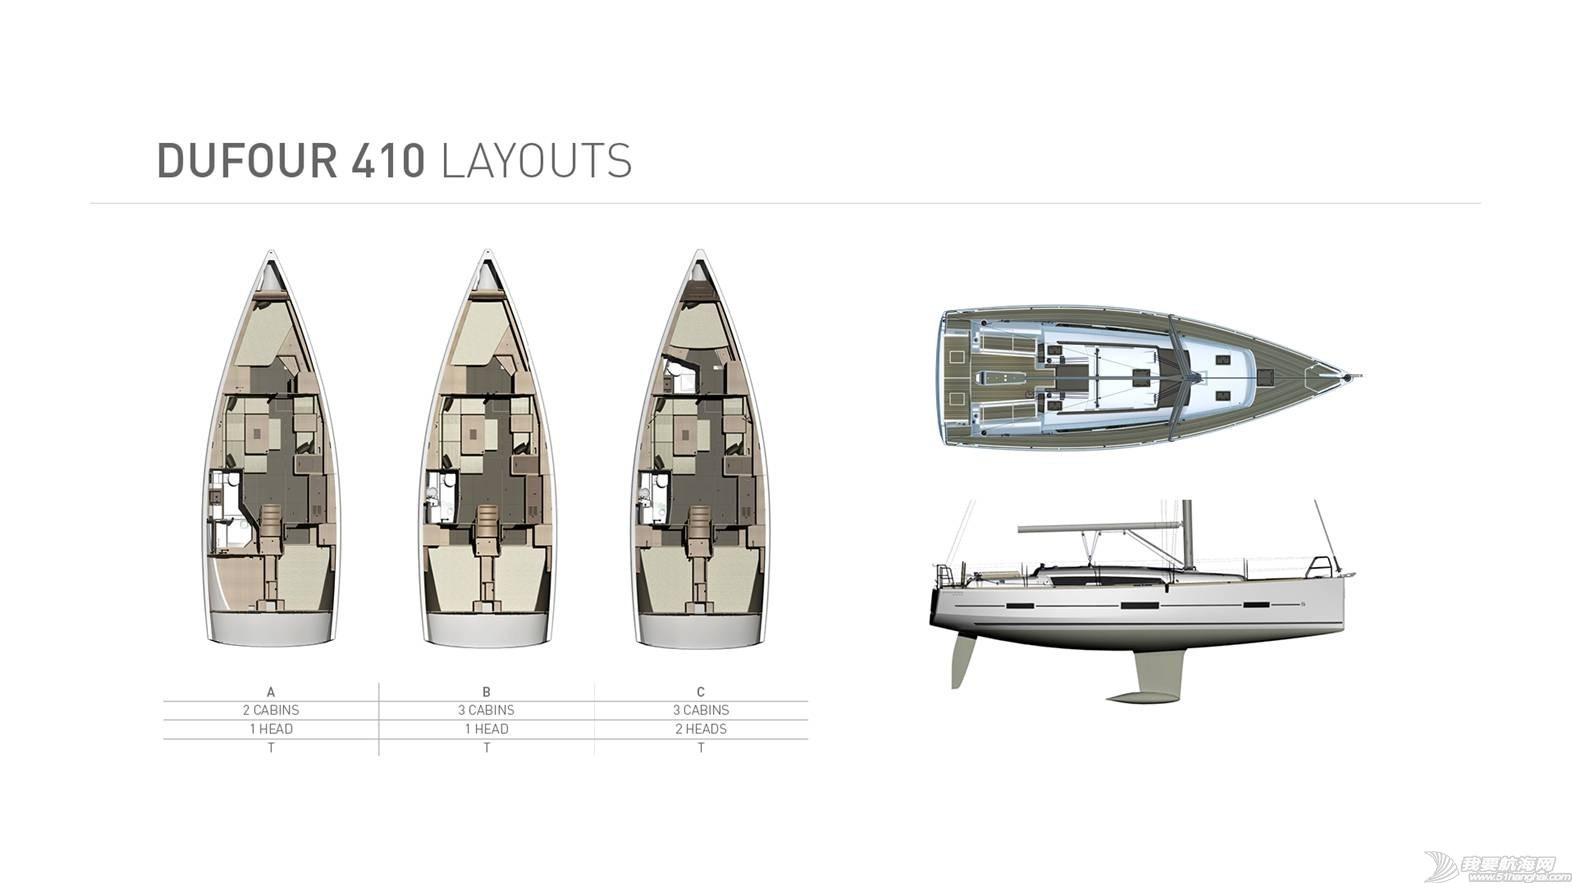 船东,成为,航海,帆船,欧洲 28万 您就可以成为她的船东  084206jm7jz2c94q4j190m